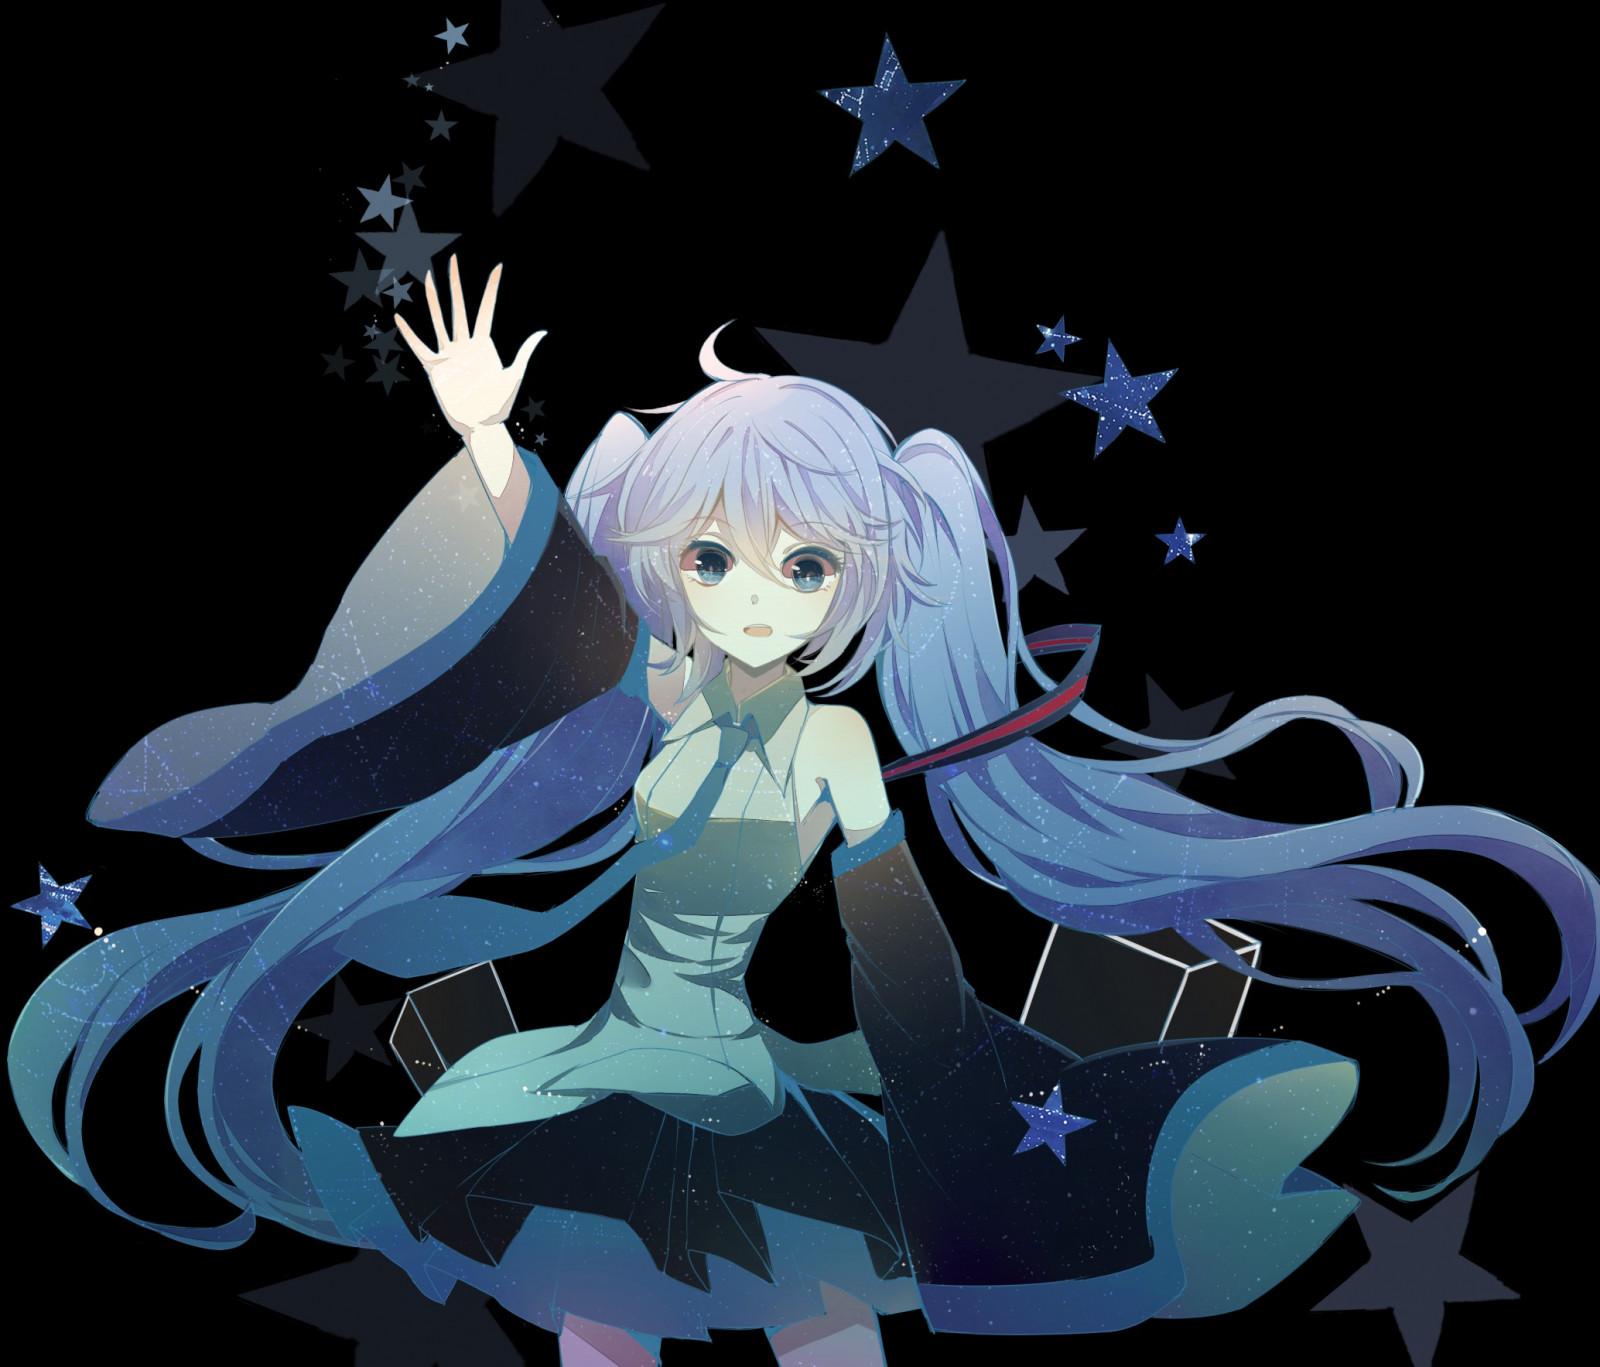 Fond d'écran : illustration, Fond simple, cheveux longs, Anime, Filles anime, Cheveux bleus ...